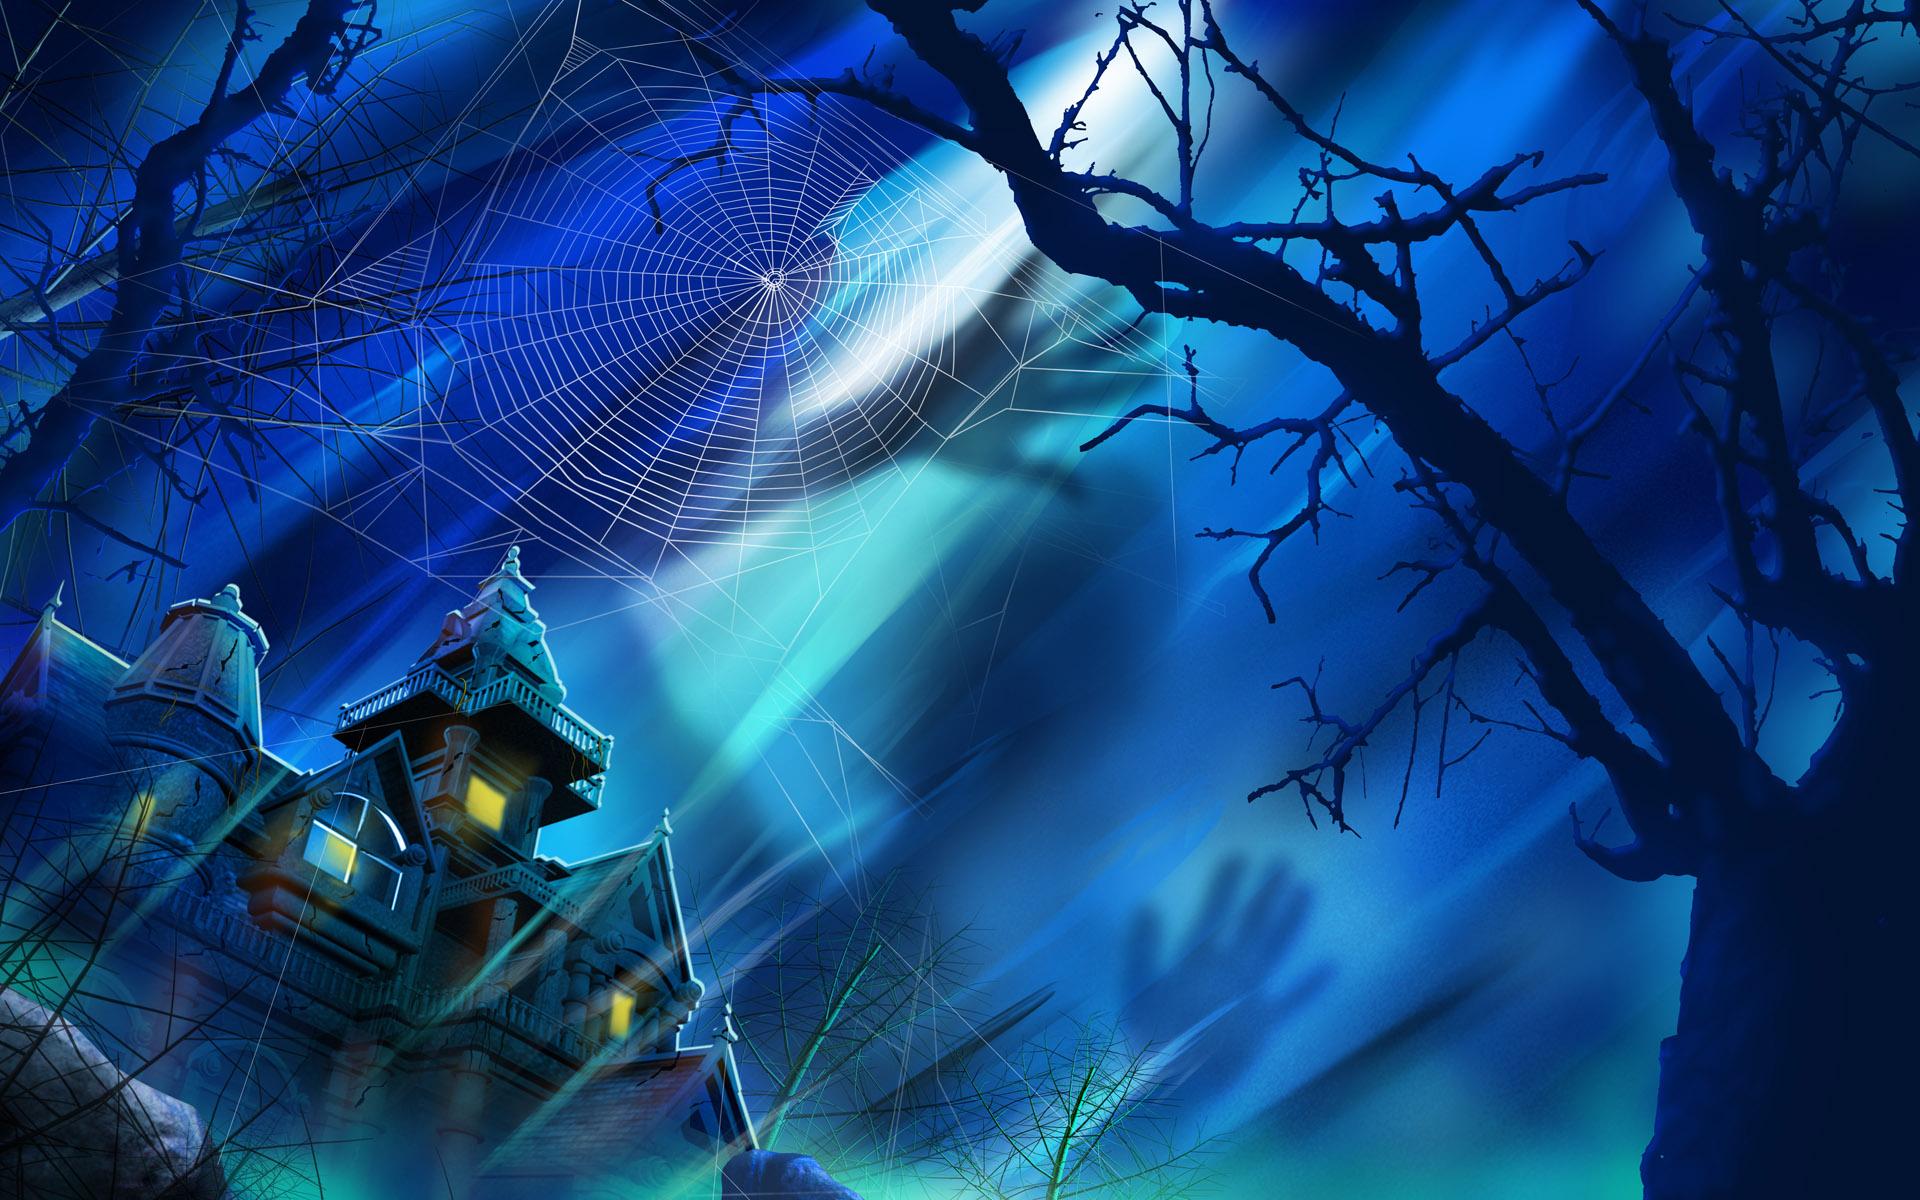 Halloween Backgrounds Halloween Wallpapers 1920x1200